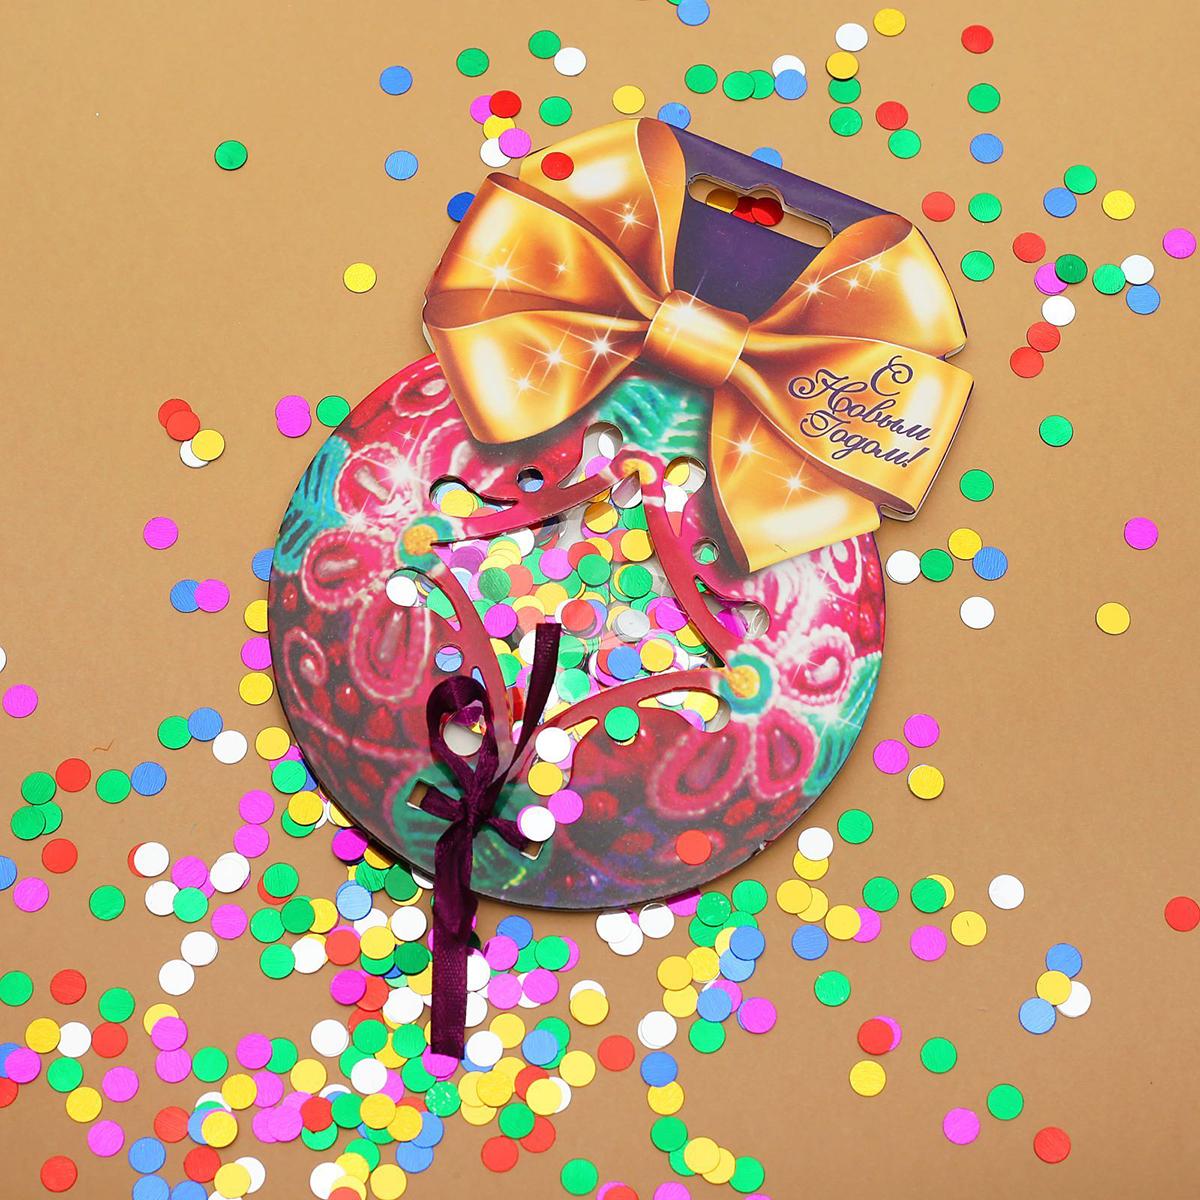 Конфетти Страна Карнавалия С Новым годом! Шарик1376111Яркое конфетти Страна Карнавалия создаст неповторимую атмосферу праздника! Красочные фигурки станут эффектной точкой вашего выступления или поздравления. Наберите их в ладони и в ключевой момент подбросьте вверх. Они окутают всех вокруг разноцветным облачком. С этим атрибутом легко произвести фурор на любой вечеринке или привнести нотку праздника в обычные дни.